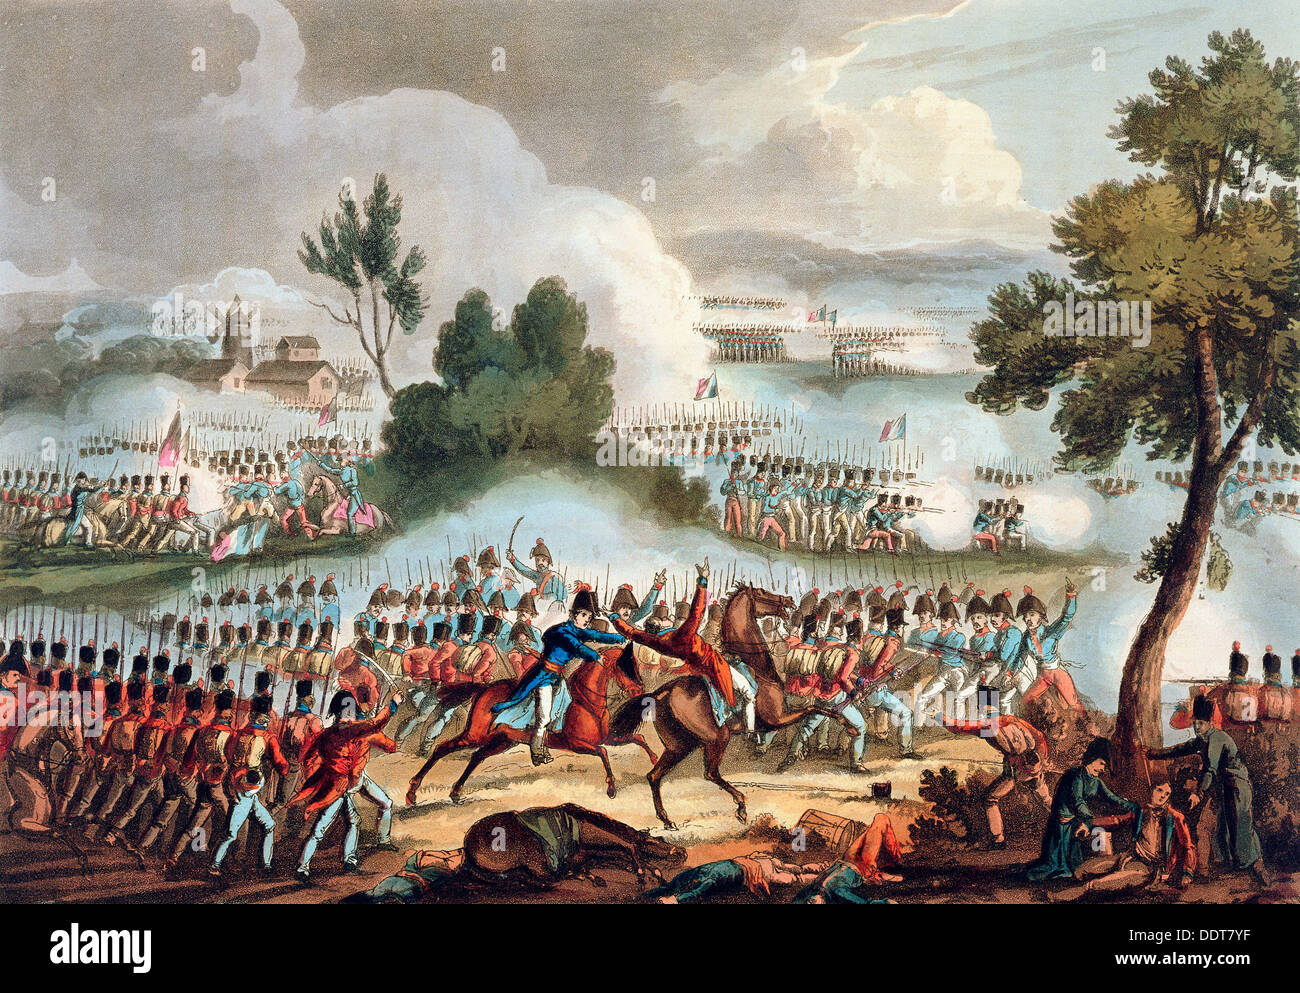 'L'ala sinistra dell'esercito britannico in azione nella battaglia di Waterloo, 18 giugno 1815 Artista: Thomas Sutherland Immagini Stock